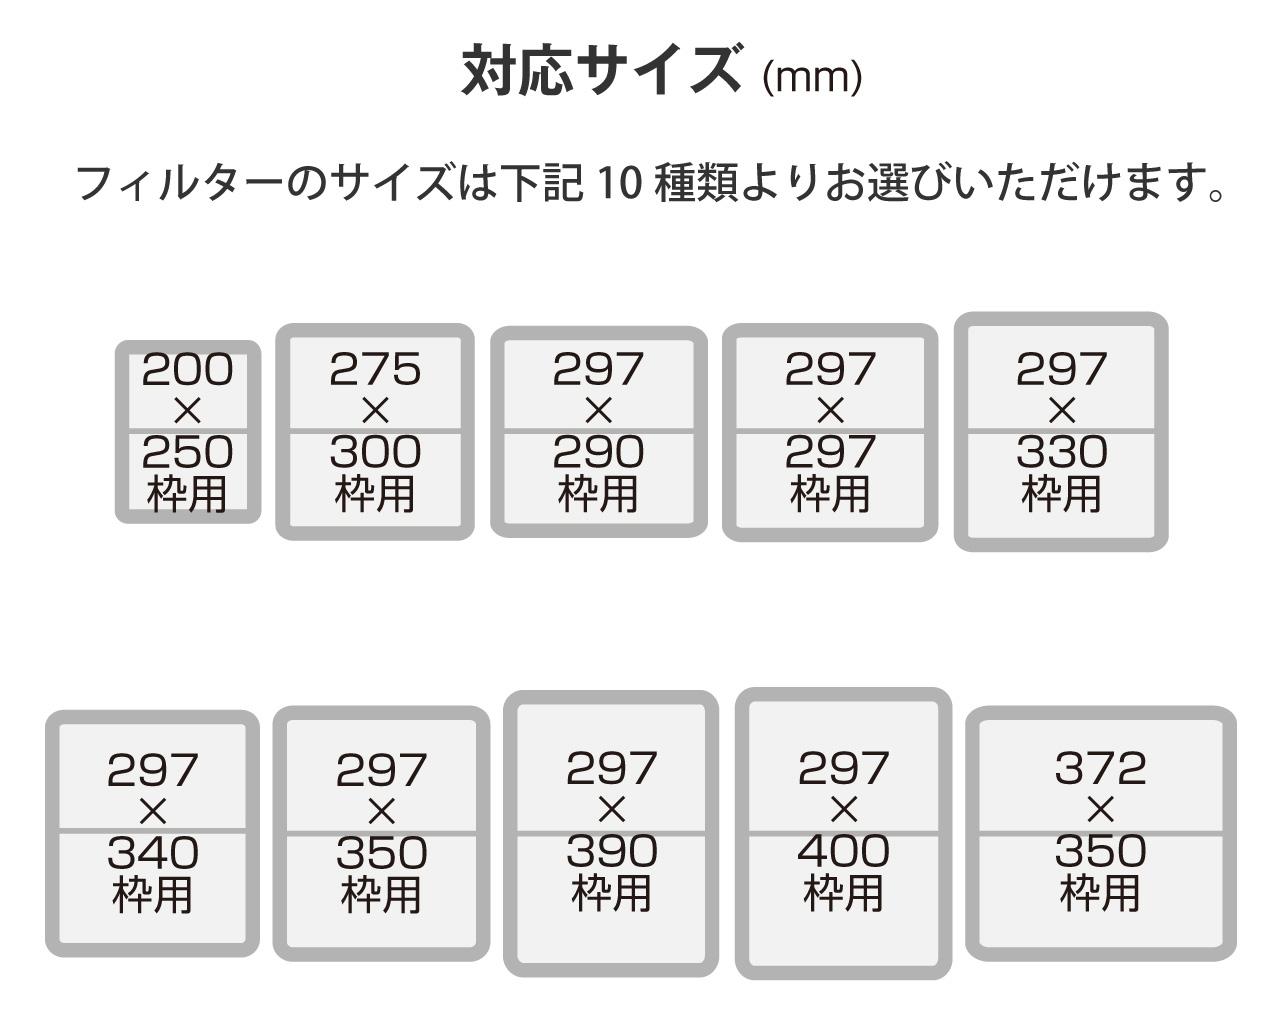 スターフィルター・サイズ表